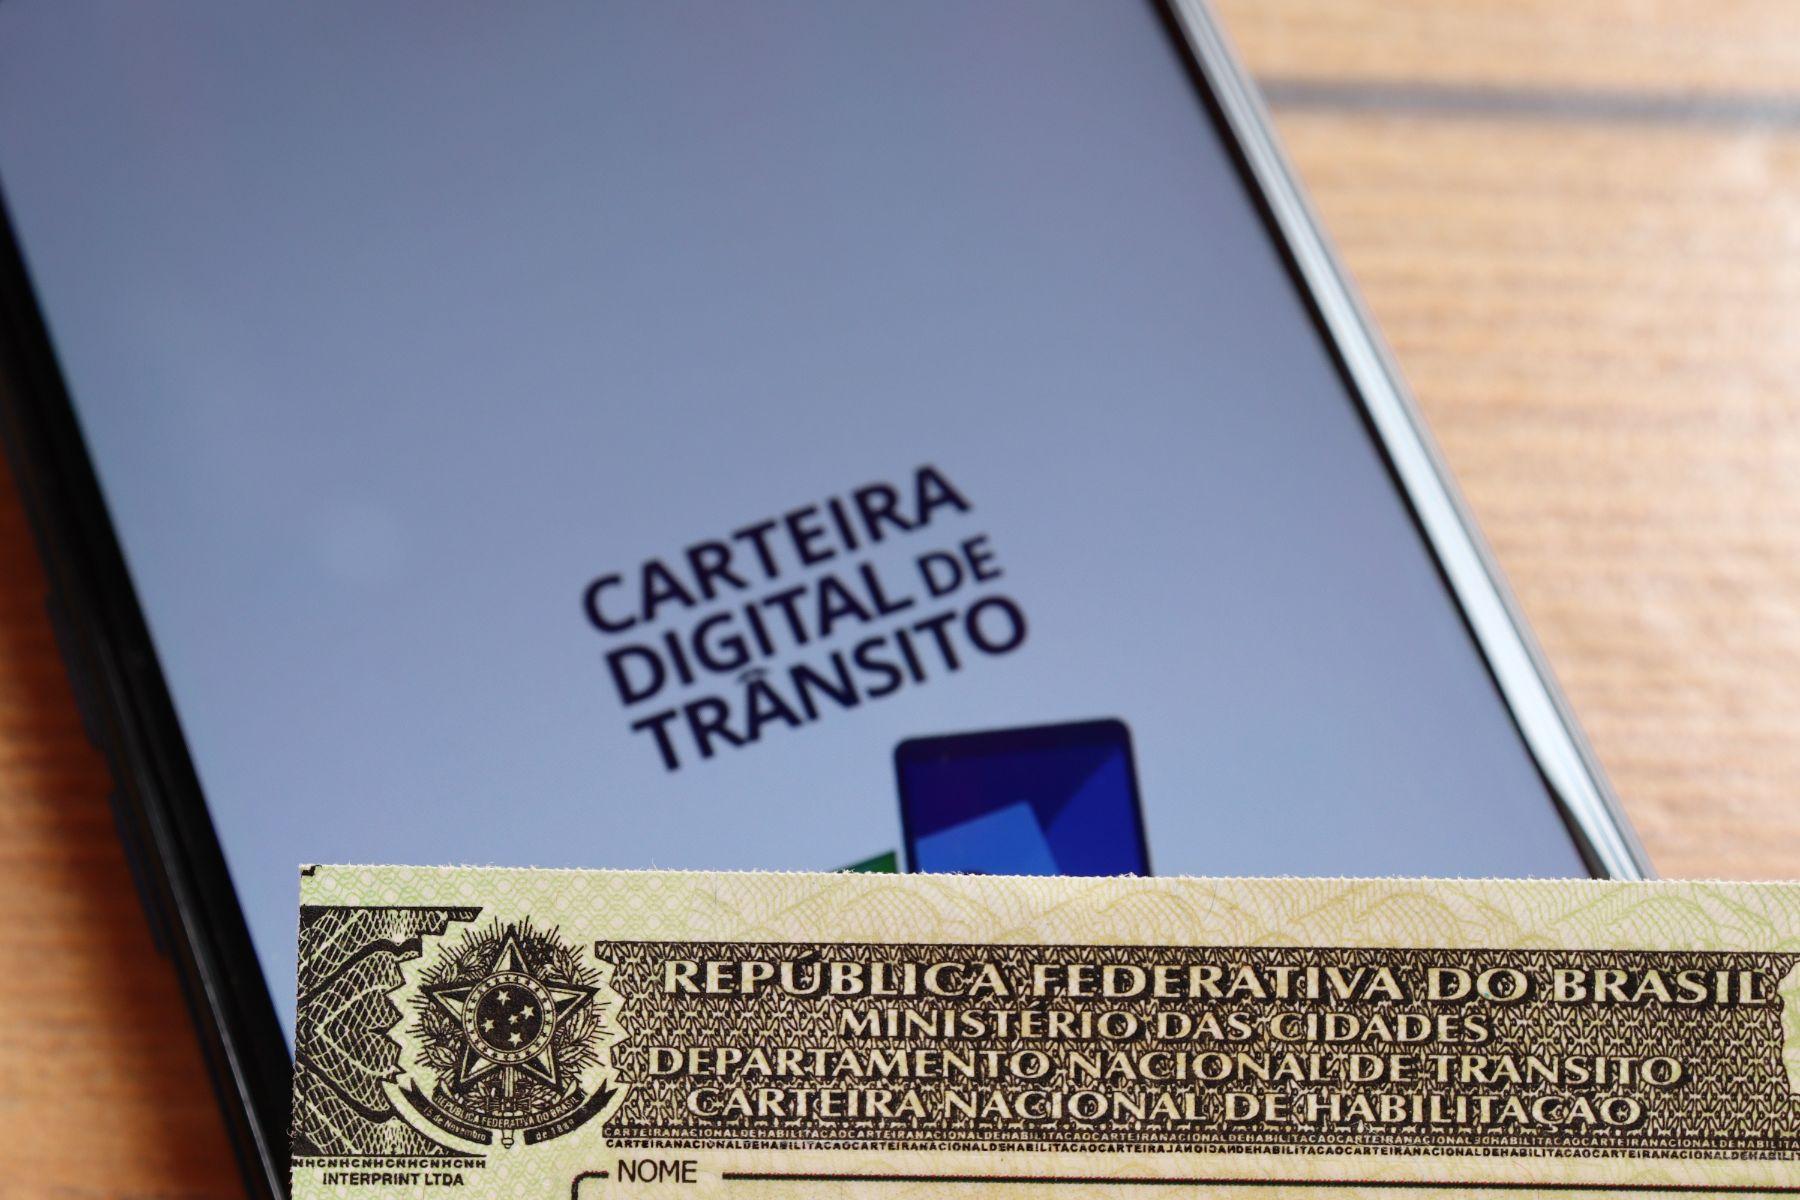 carteira nacional de habilitacao cnh em frente a celular com o aplicativo carteira digital de transito cdt aberto